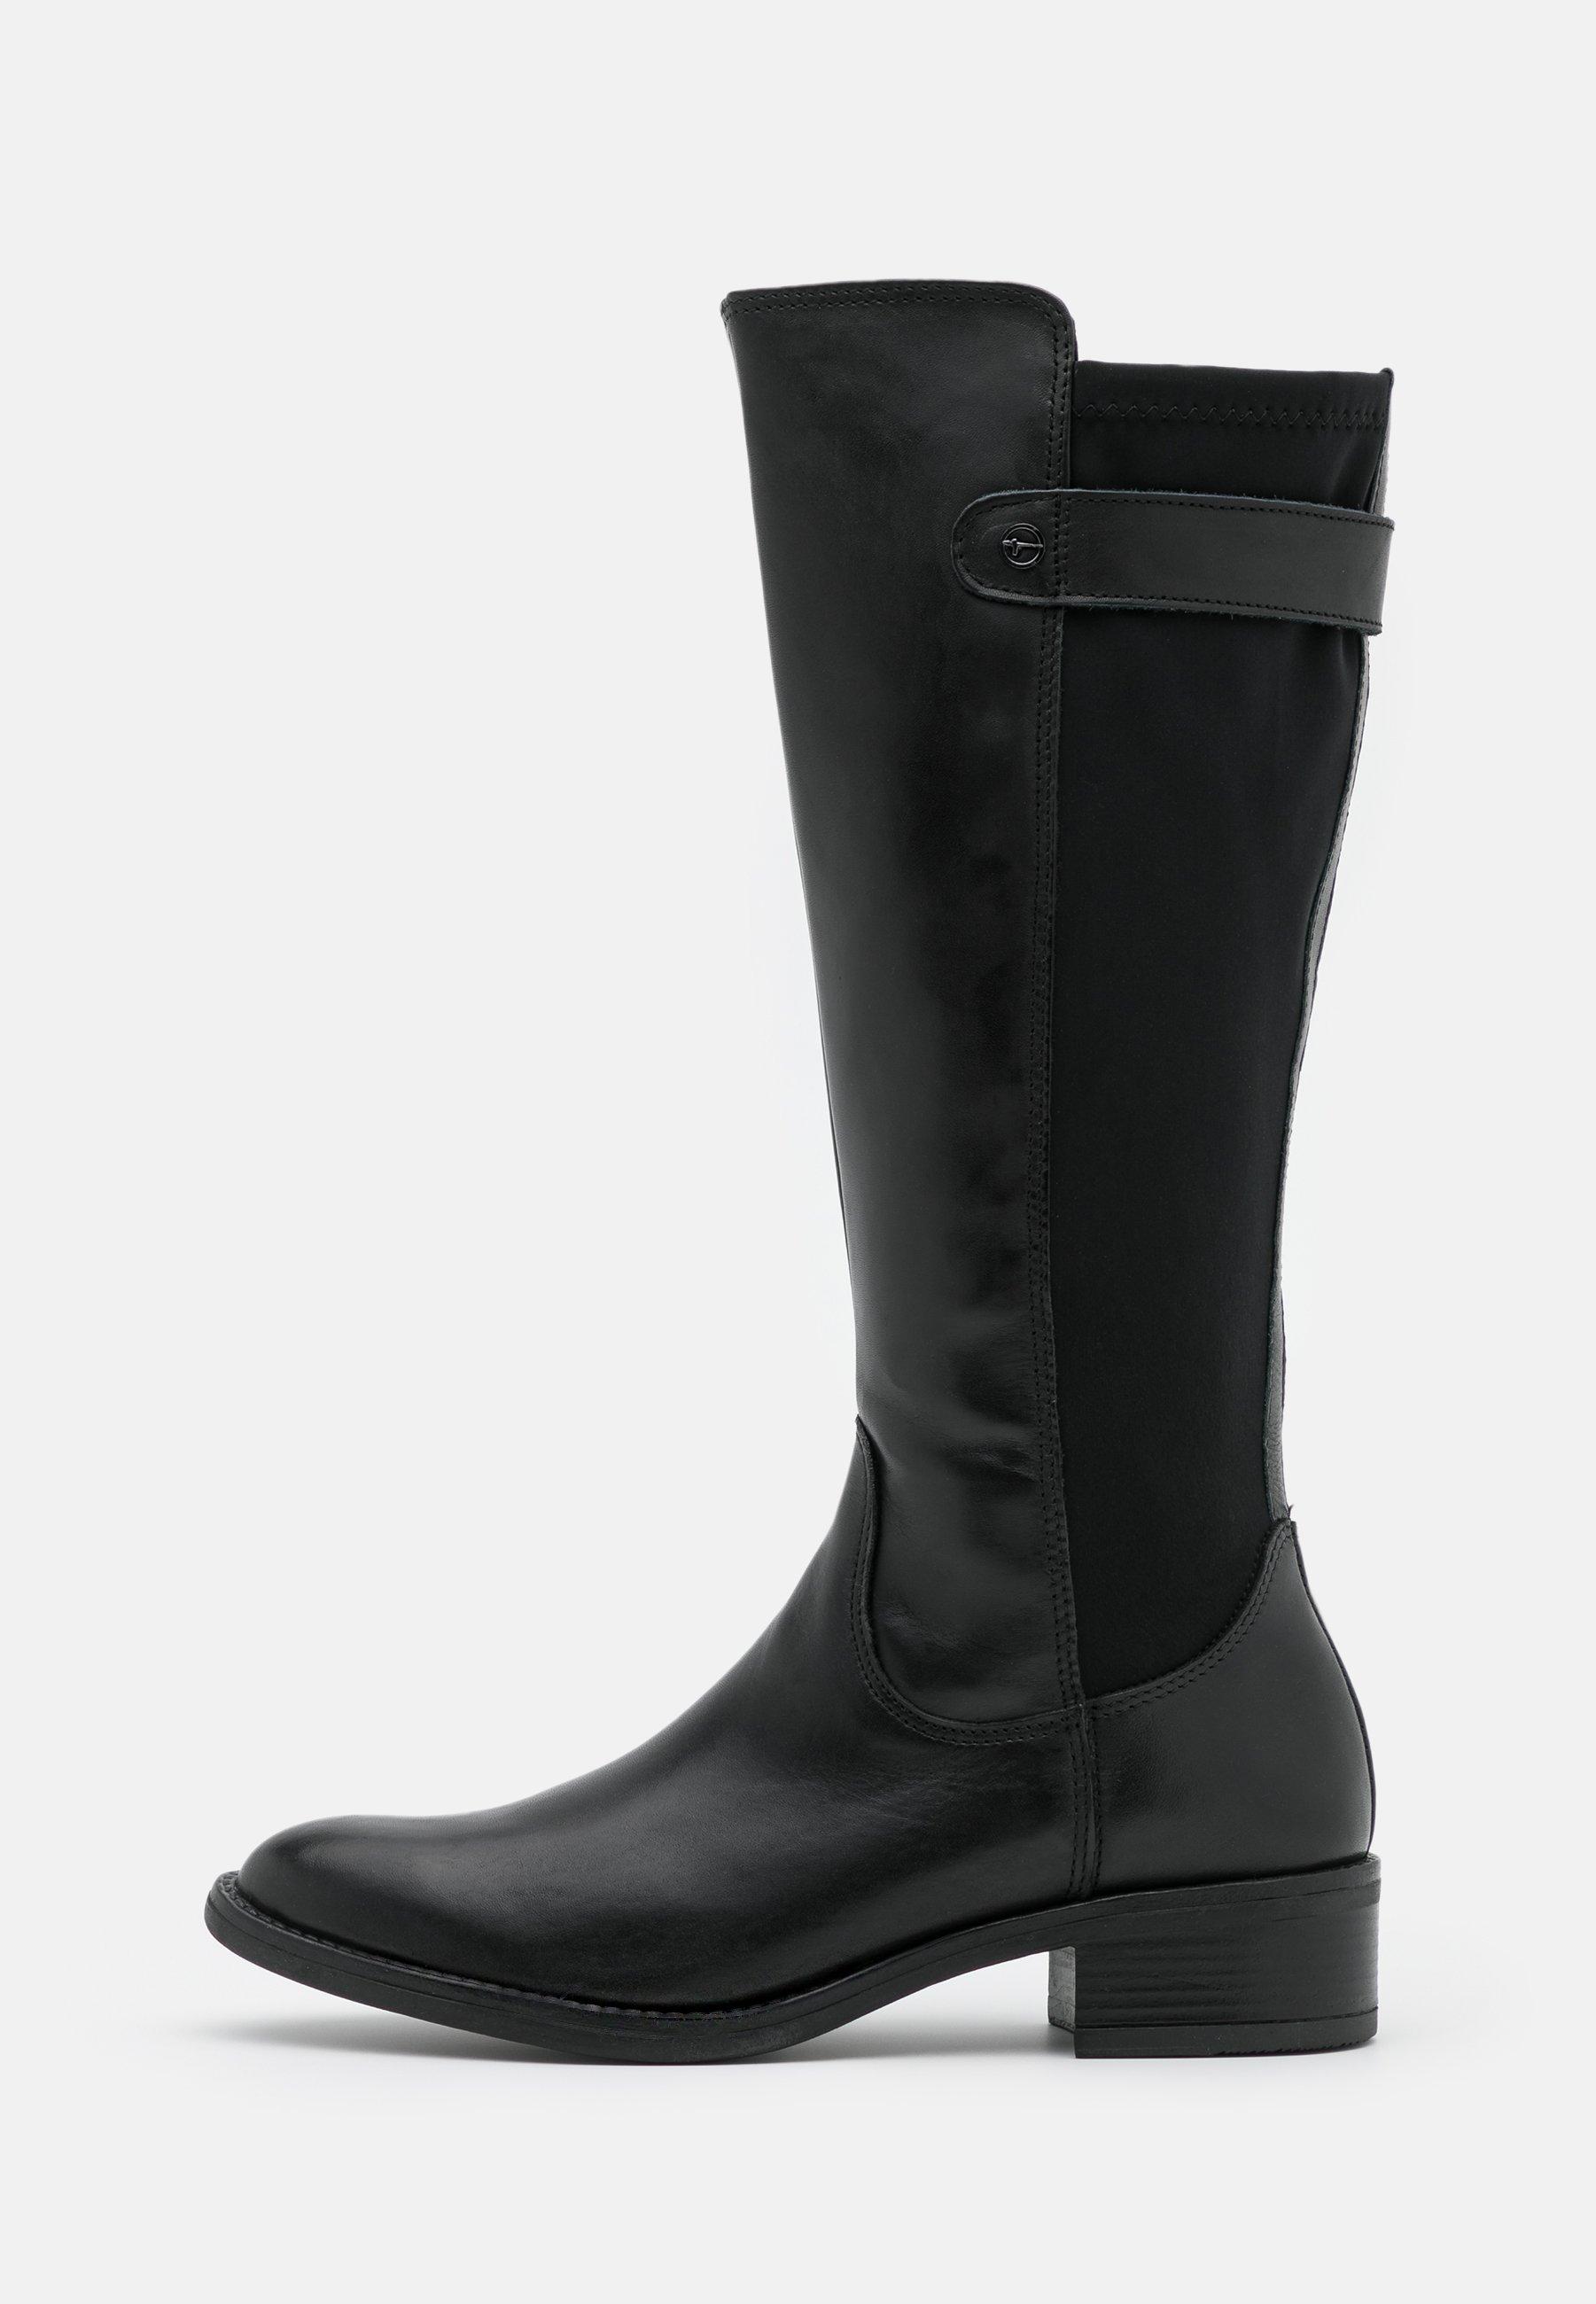 Tamaris BOOTS Klassiska stövlar black matt Zalando.se